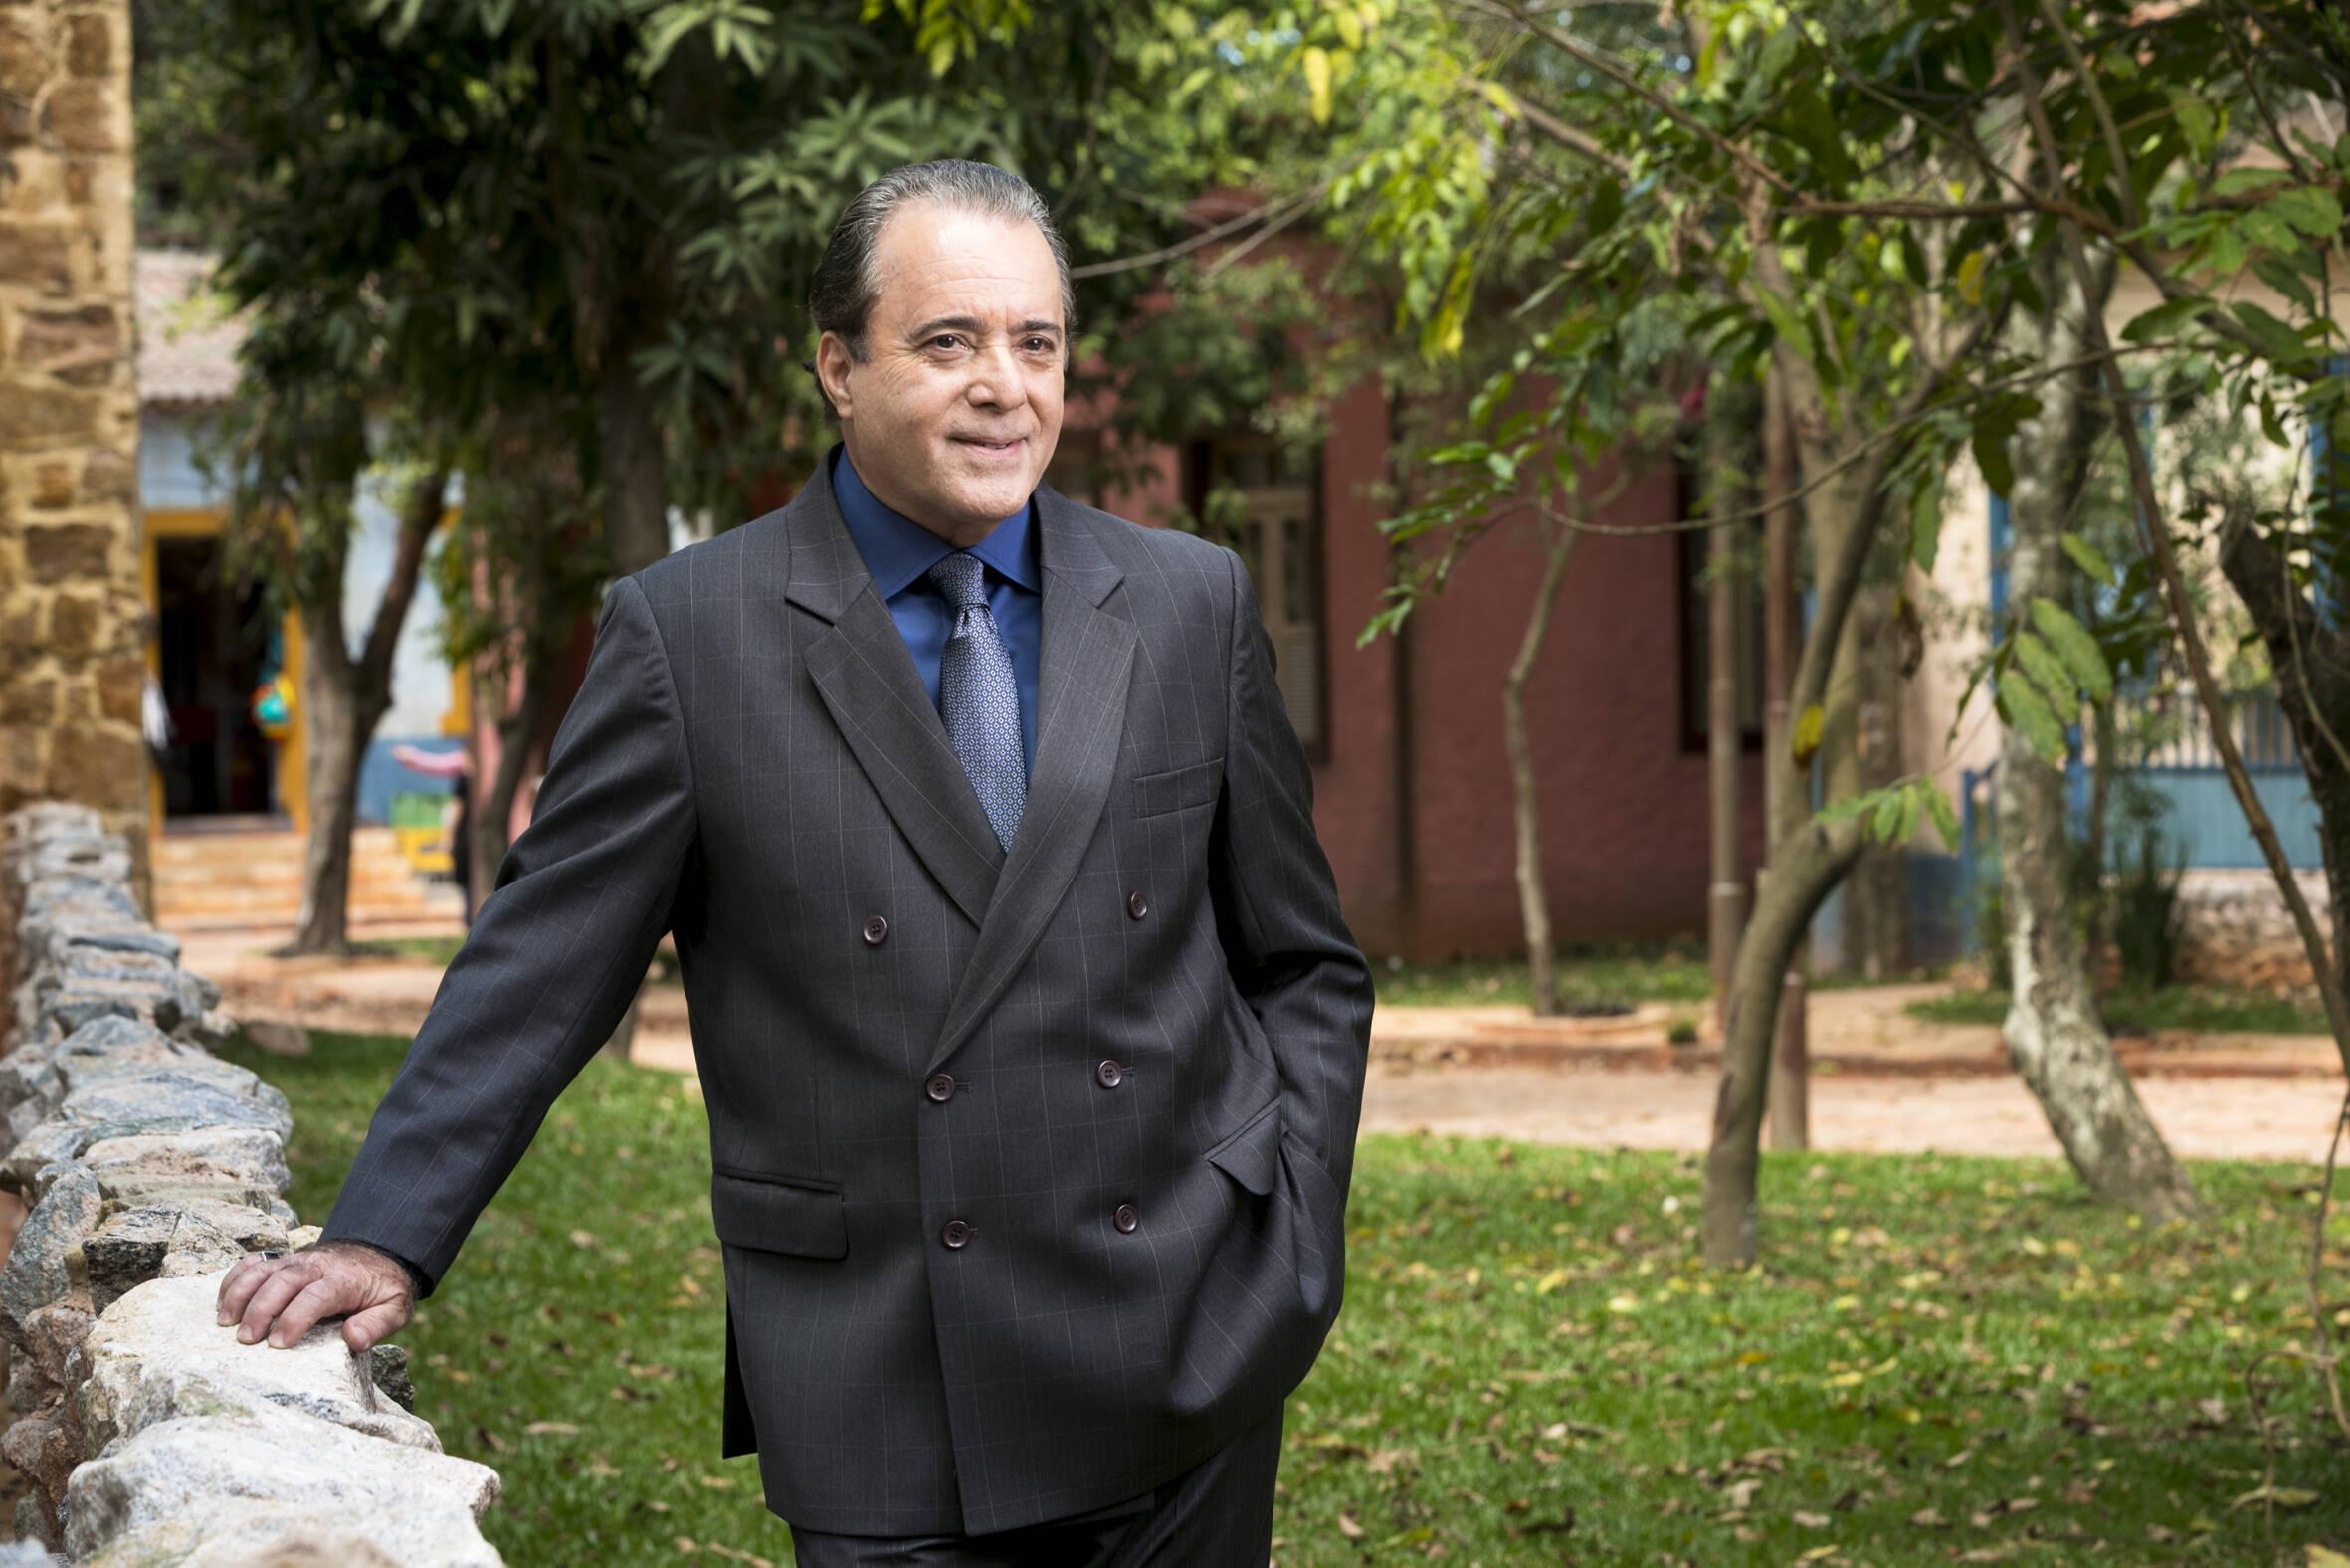 O Sétimo Guardião. Foto: Divulgação/TV Globo